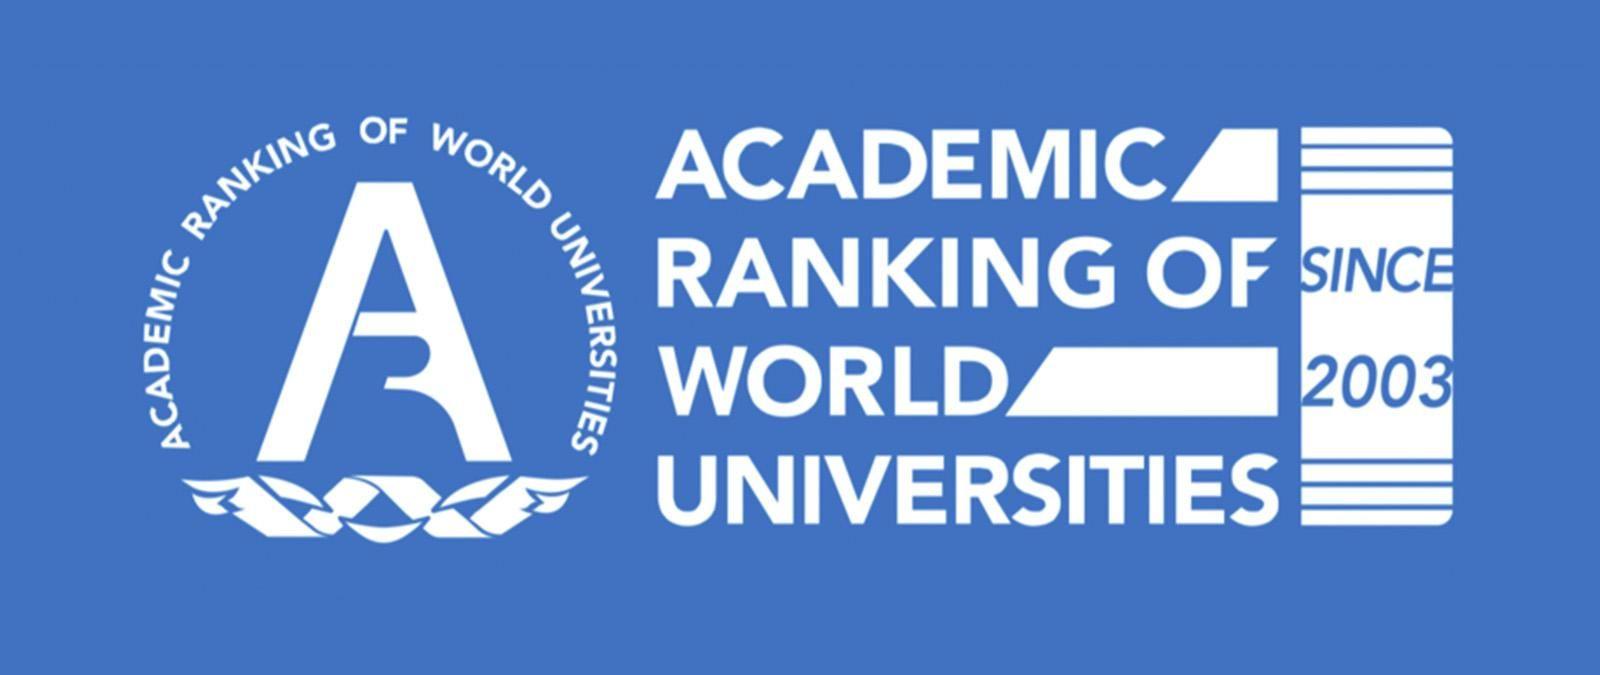 جامعة الزقازيق الأولي محلياً في تخصص الهندسة الميكانيكية بنتائج تصنيف شنغهاي للتخصصات لعام 2020